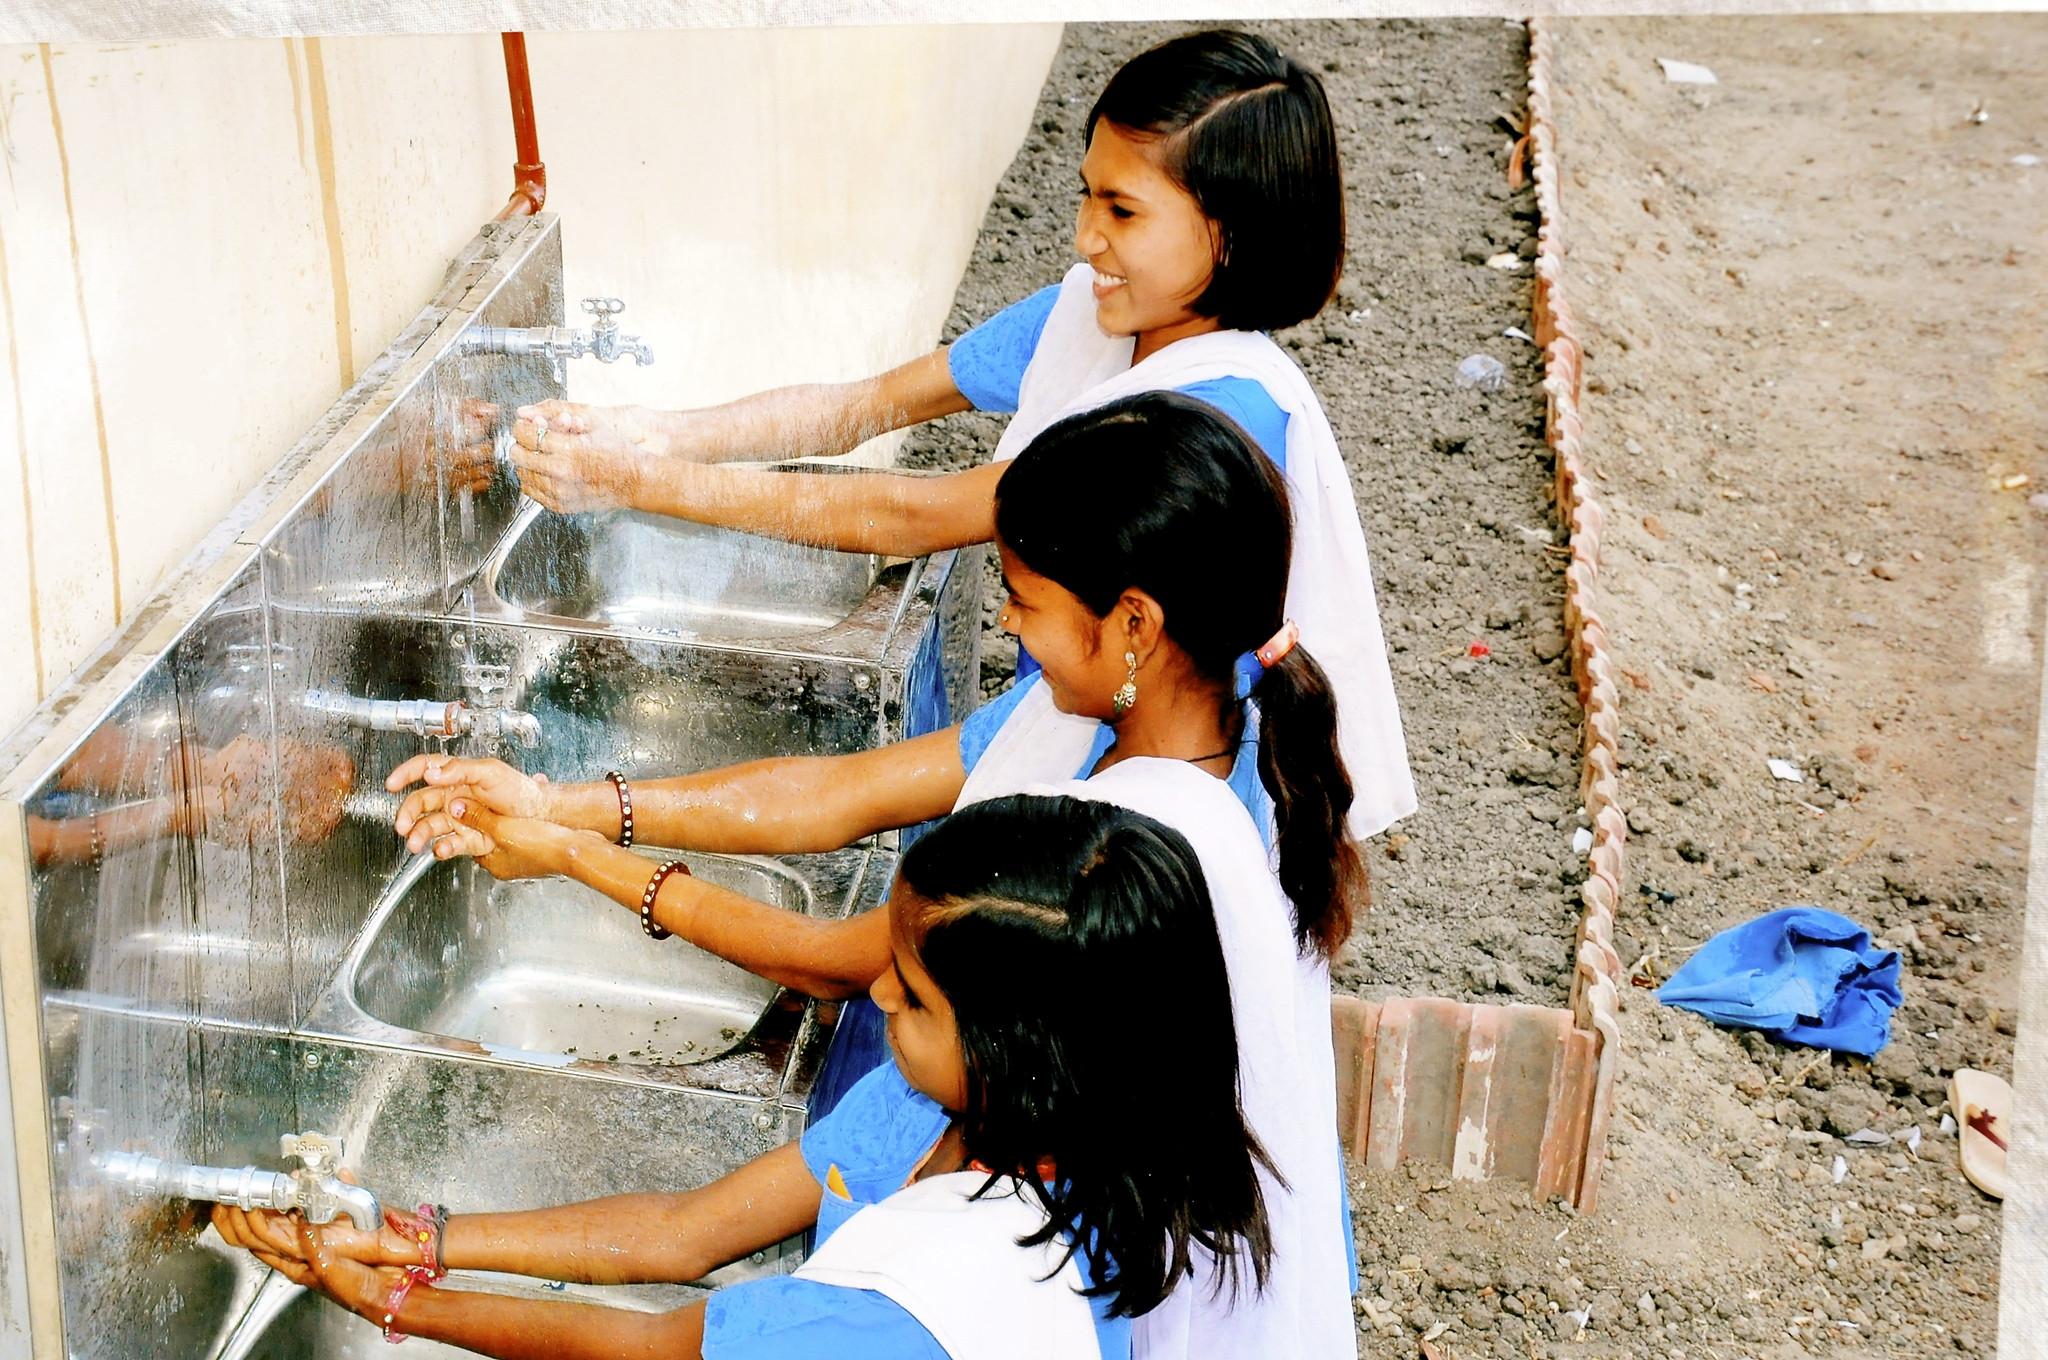 niñas lavándose las manos en la escuela